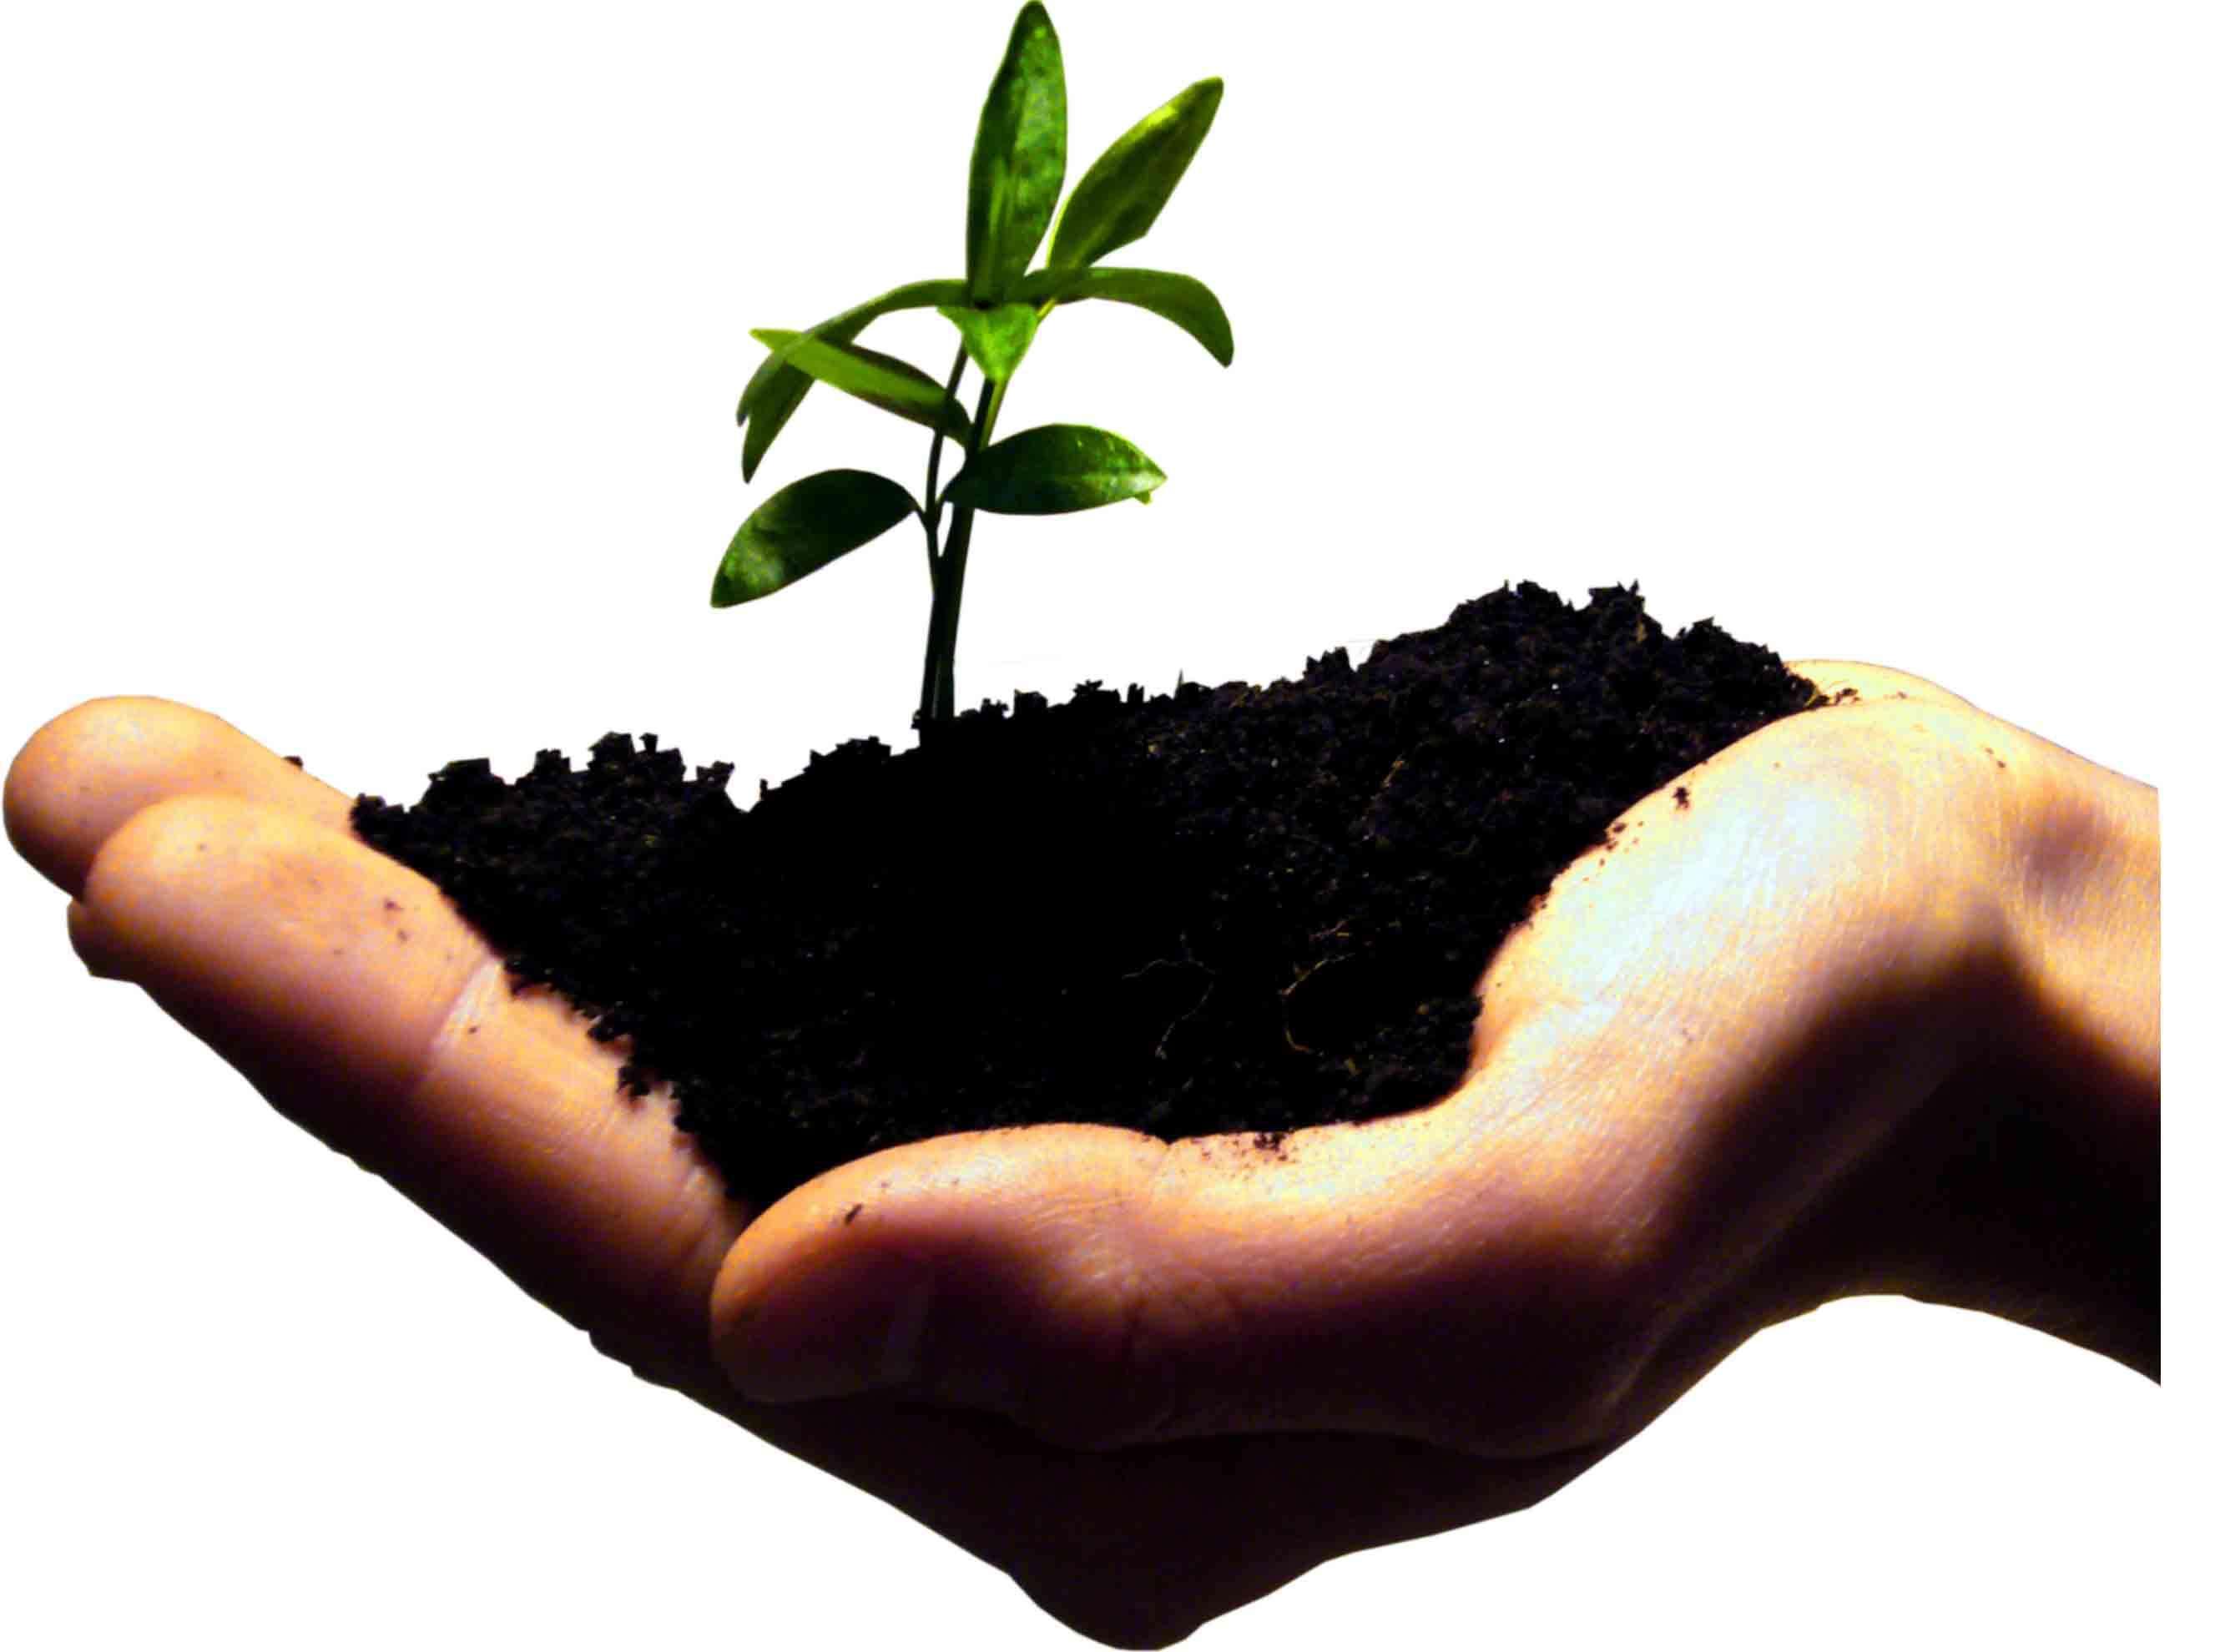 generousity_plant_grow